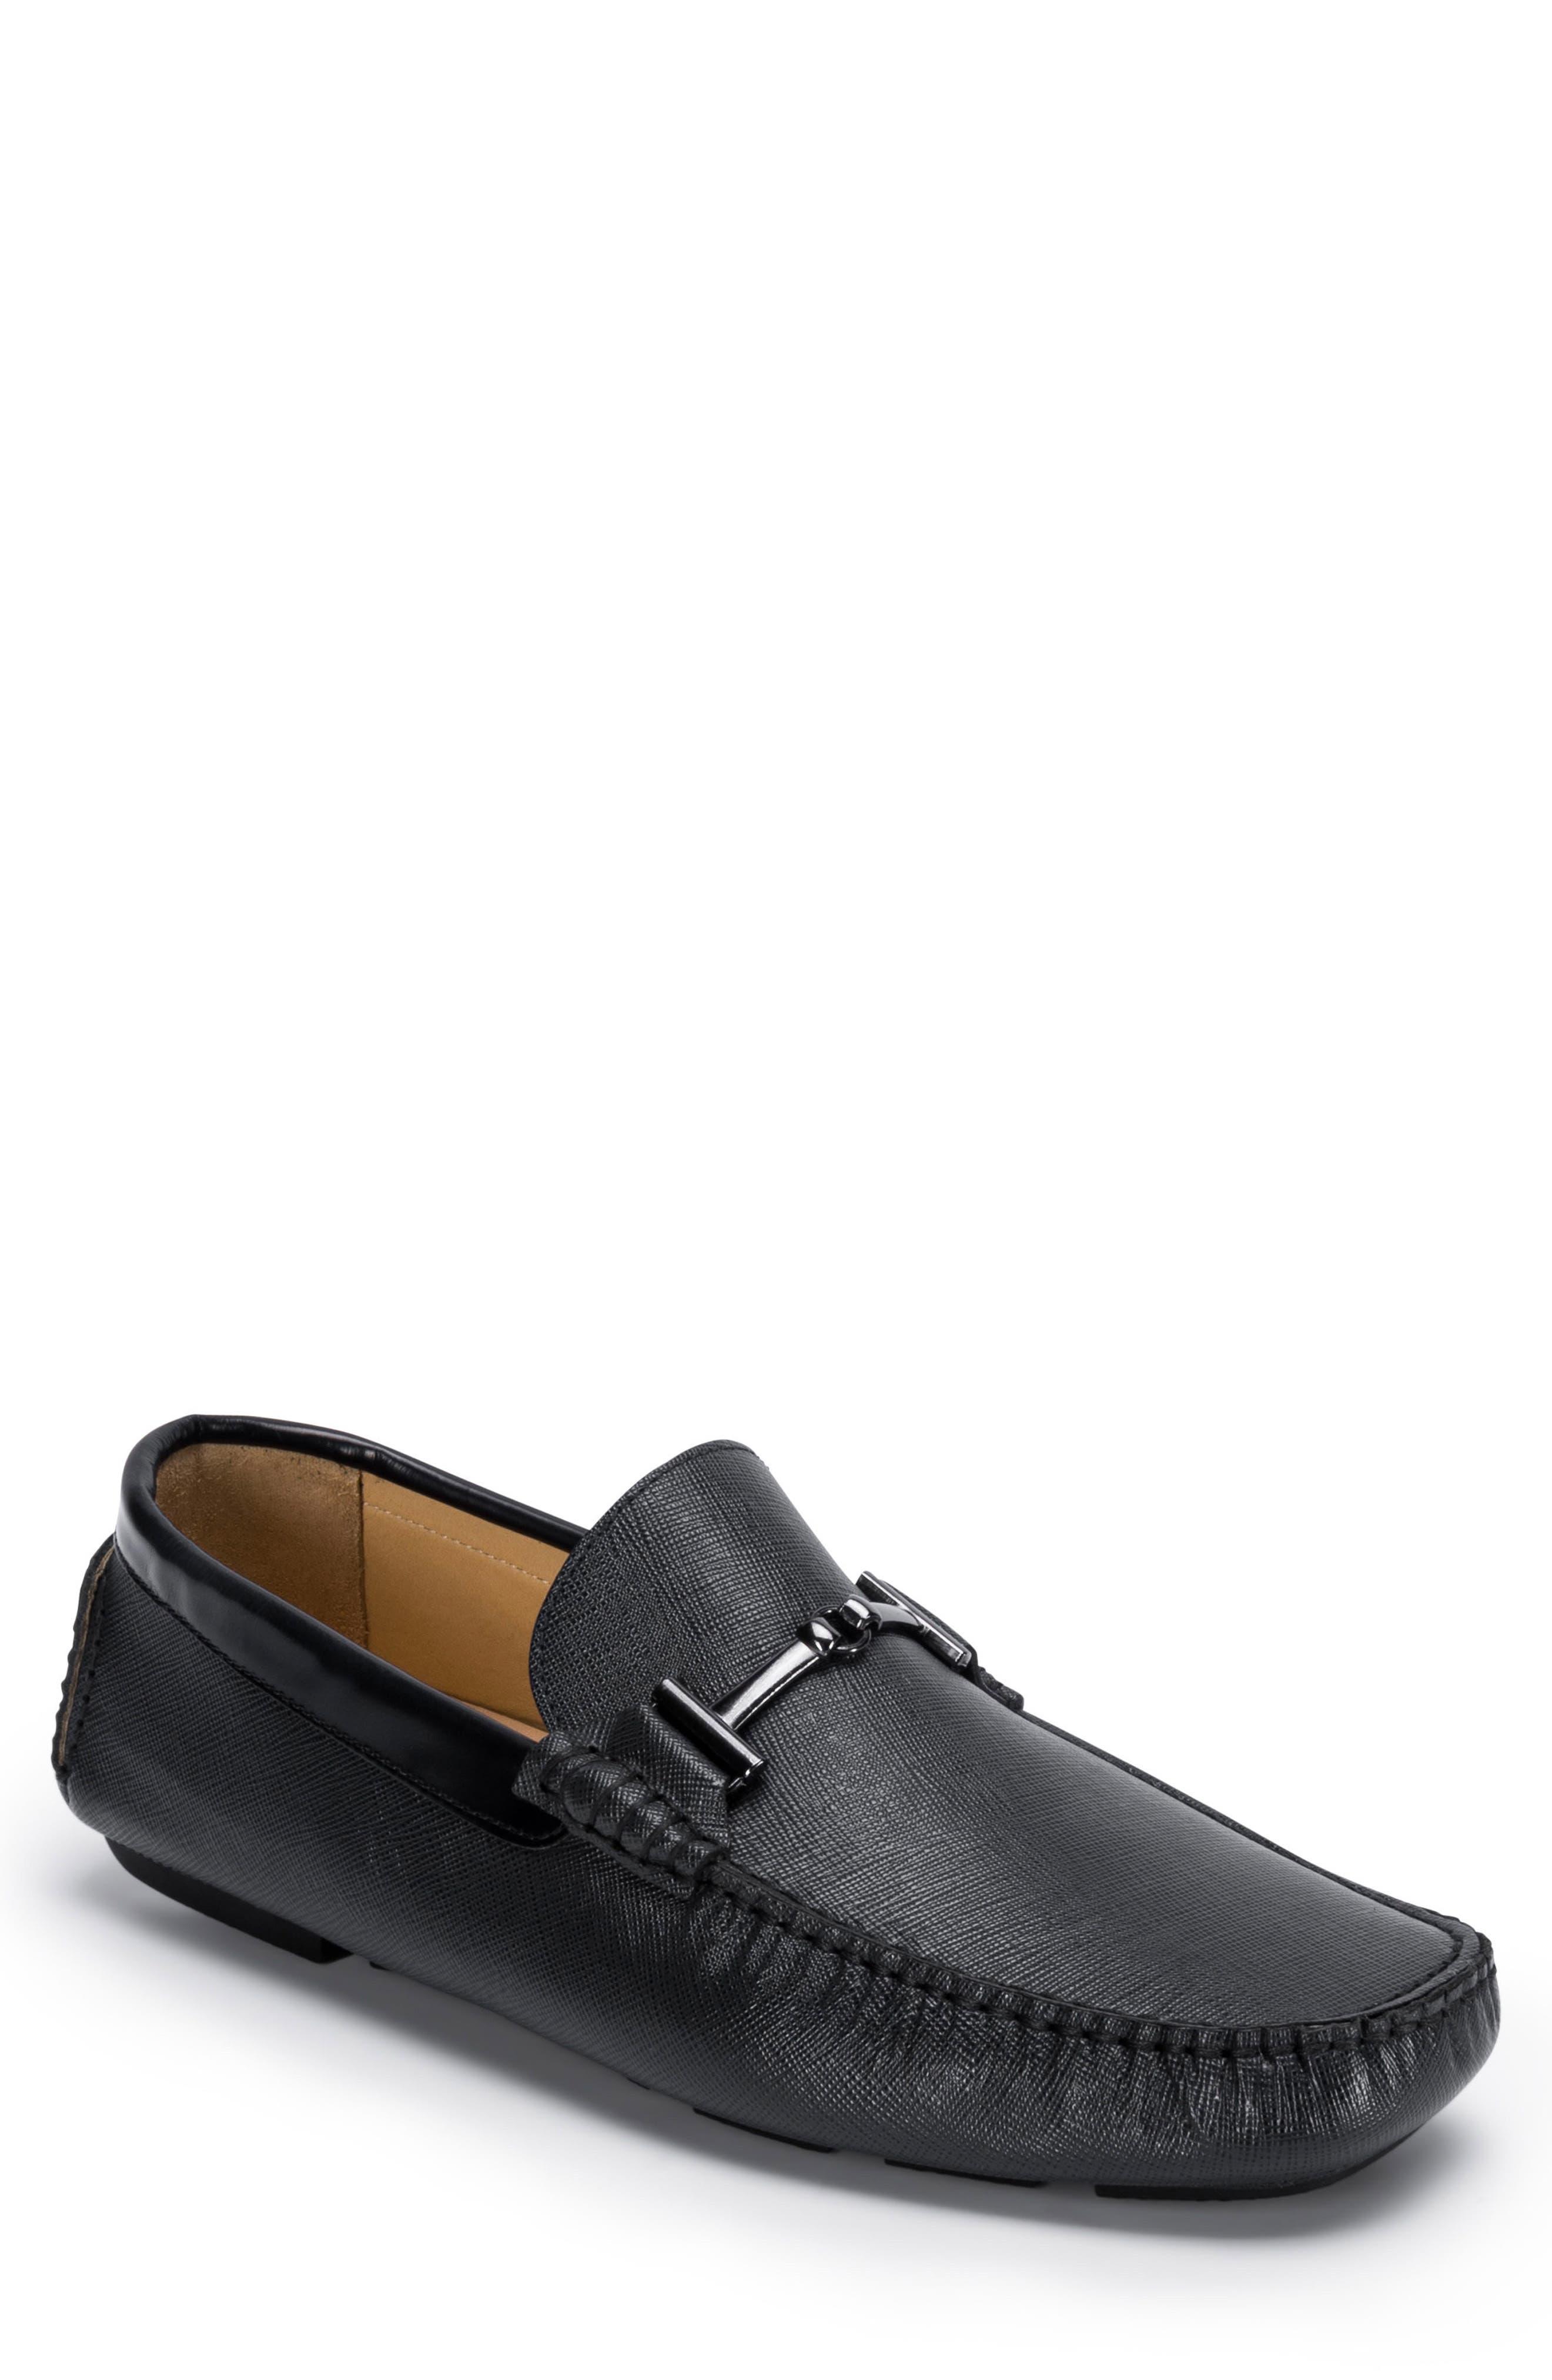 Capri Driving Shoe,                             Main thumbnail 1, color,                             Black